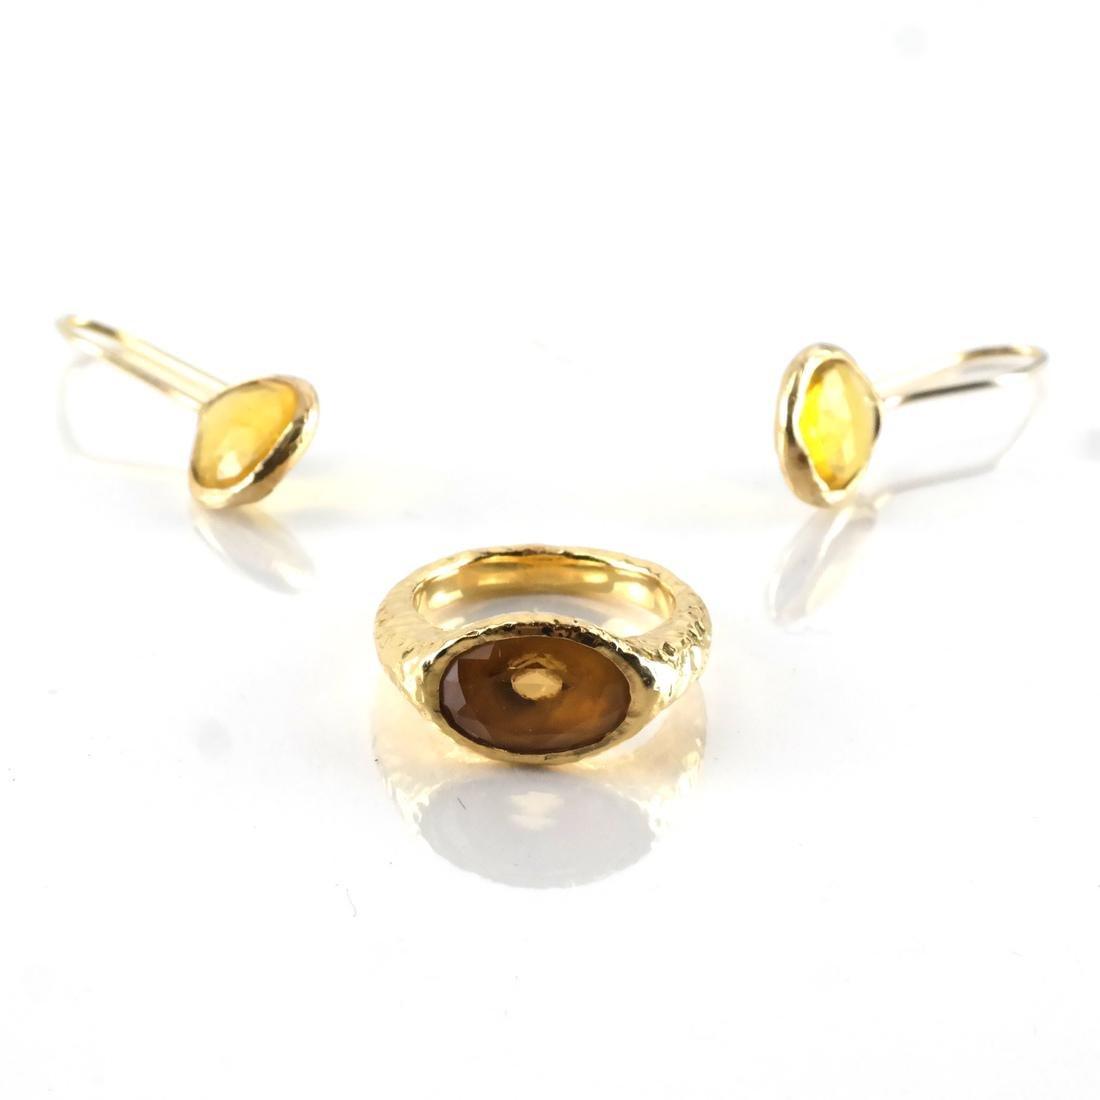 3-Piece 14k YG, Citrine Ring & Earrings